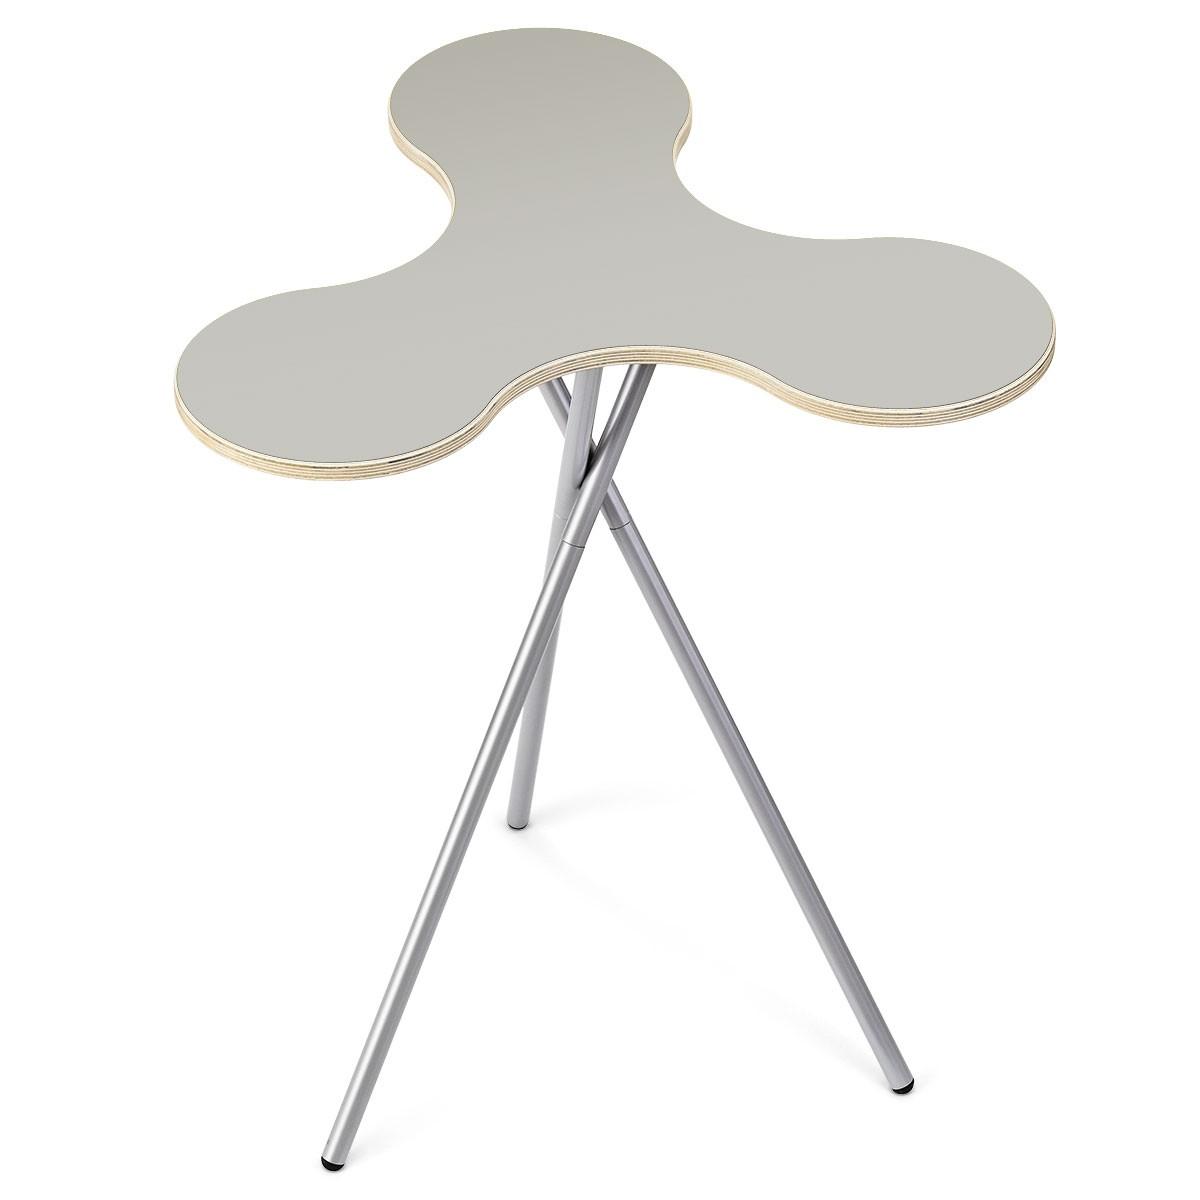 neuland ag stehtisch trialog klappbar workshop m bel workshop m bel. Black Bedroom Furniture Sets. Home Design Ideas